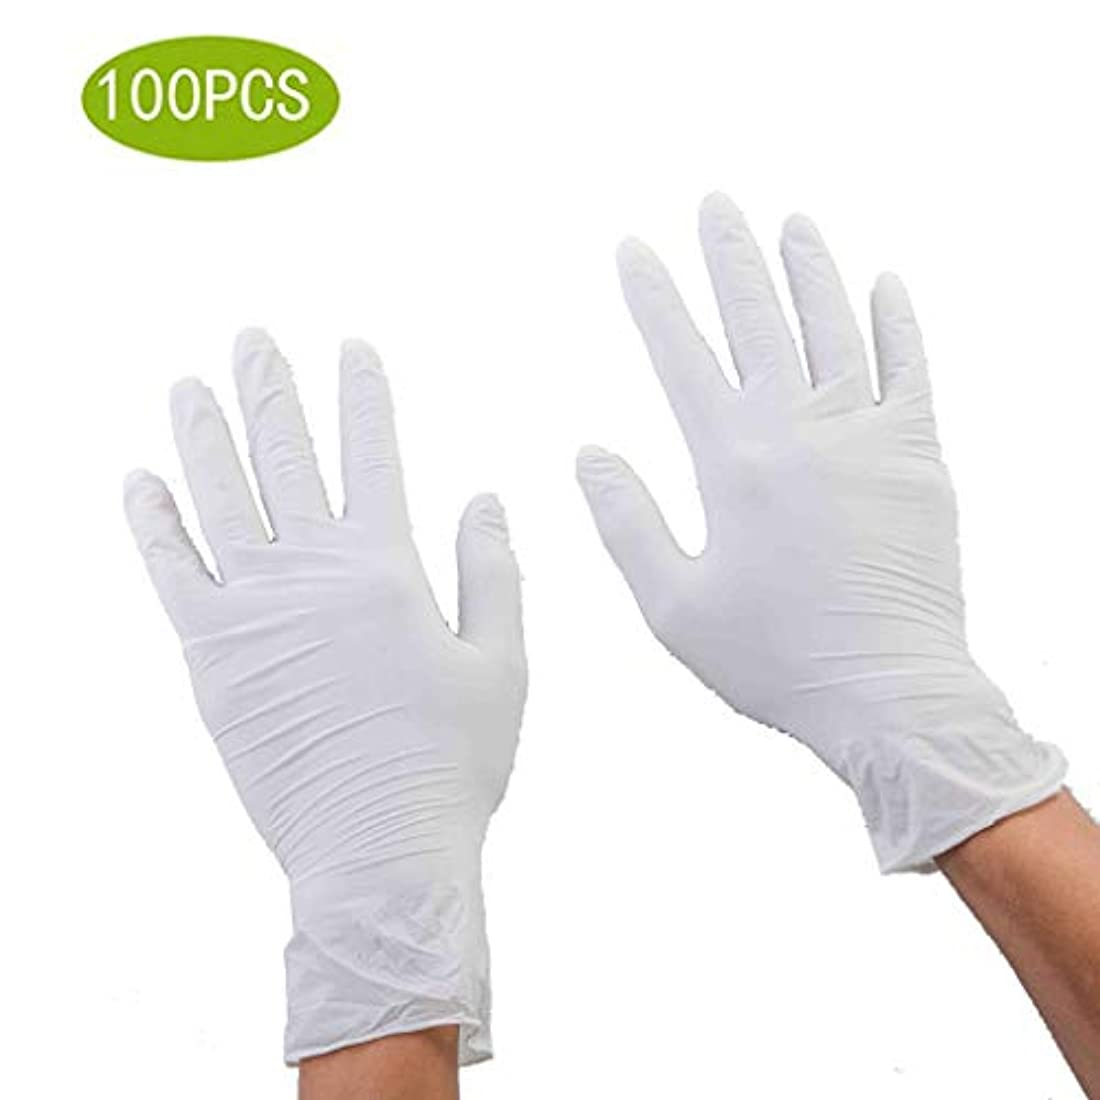 流行している避けられない面白い家庭用クリーニング手袋ニトリル検査用手袋 - 医療用グレード、パウダーフリー、ラテックスゴムフリー、使い捨て、食品安全 (Size : L)